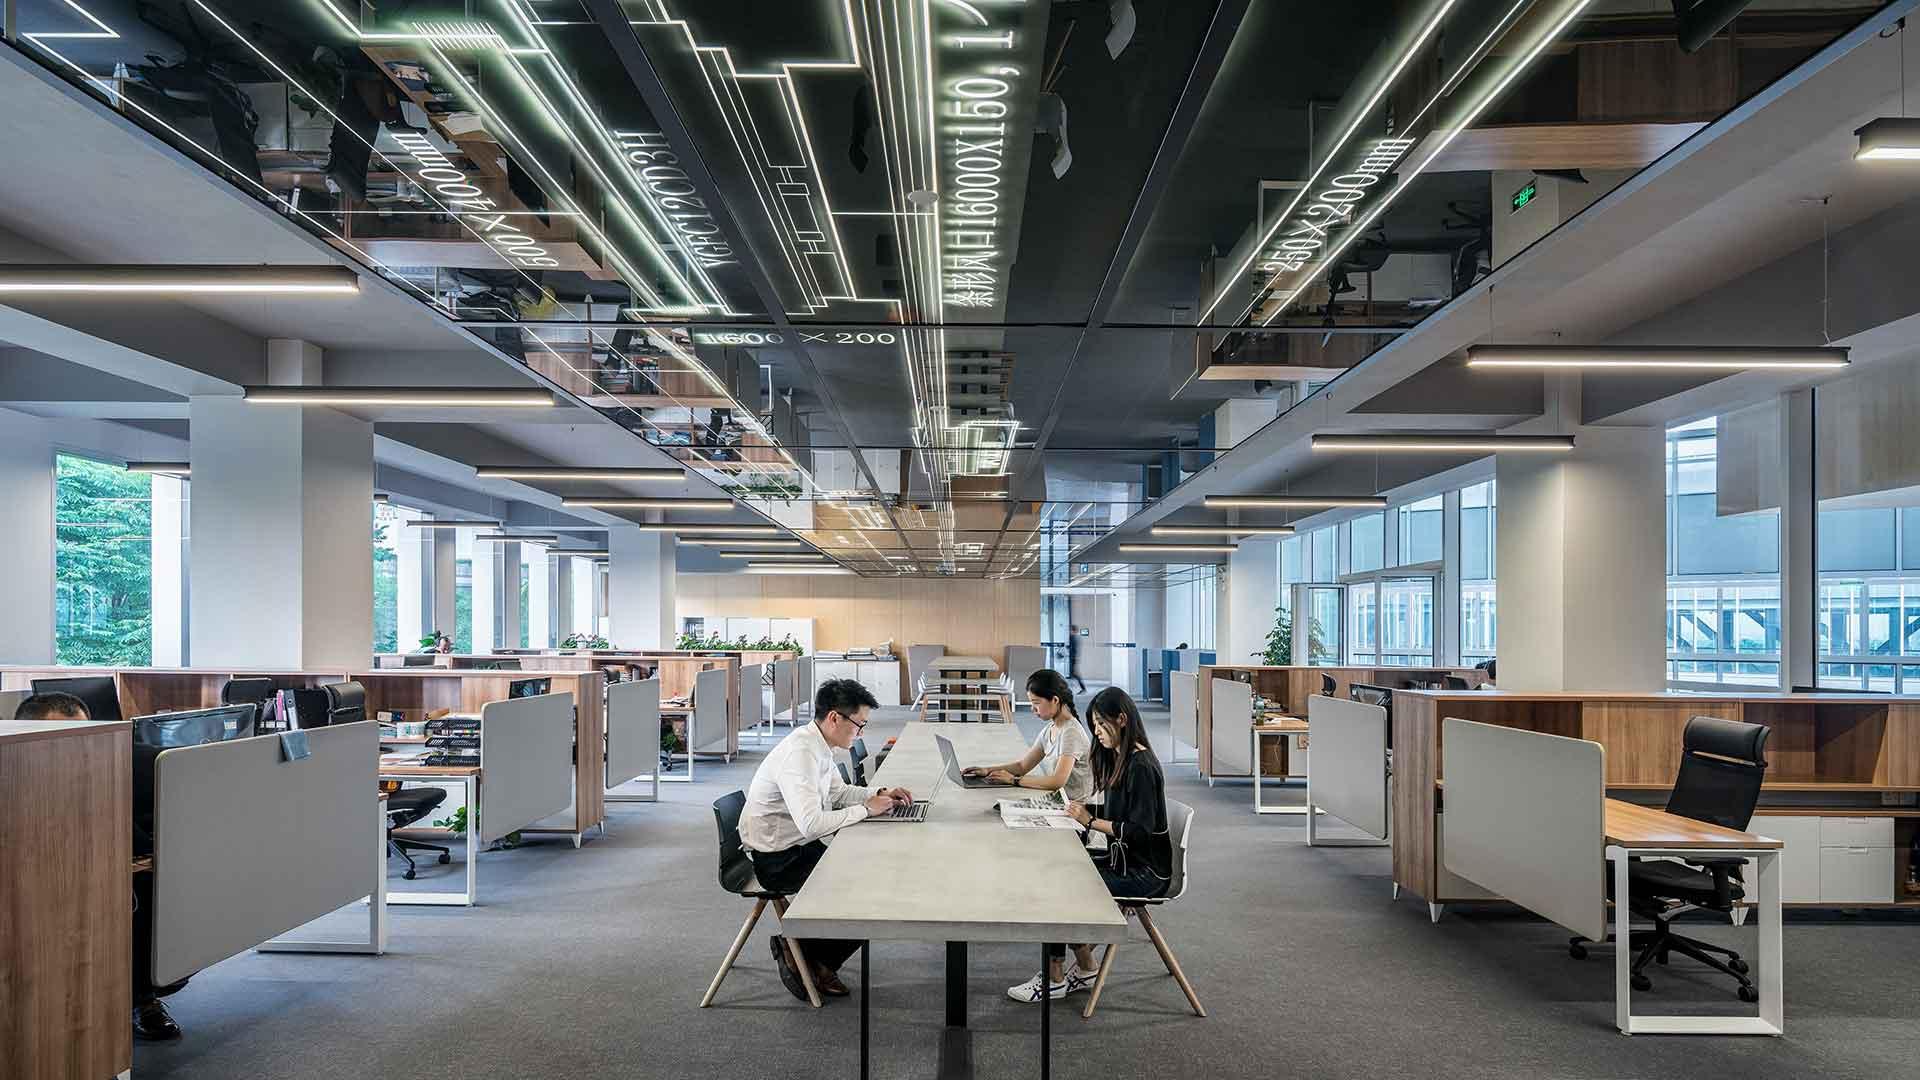 reinagine work space